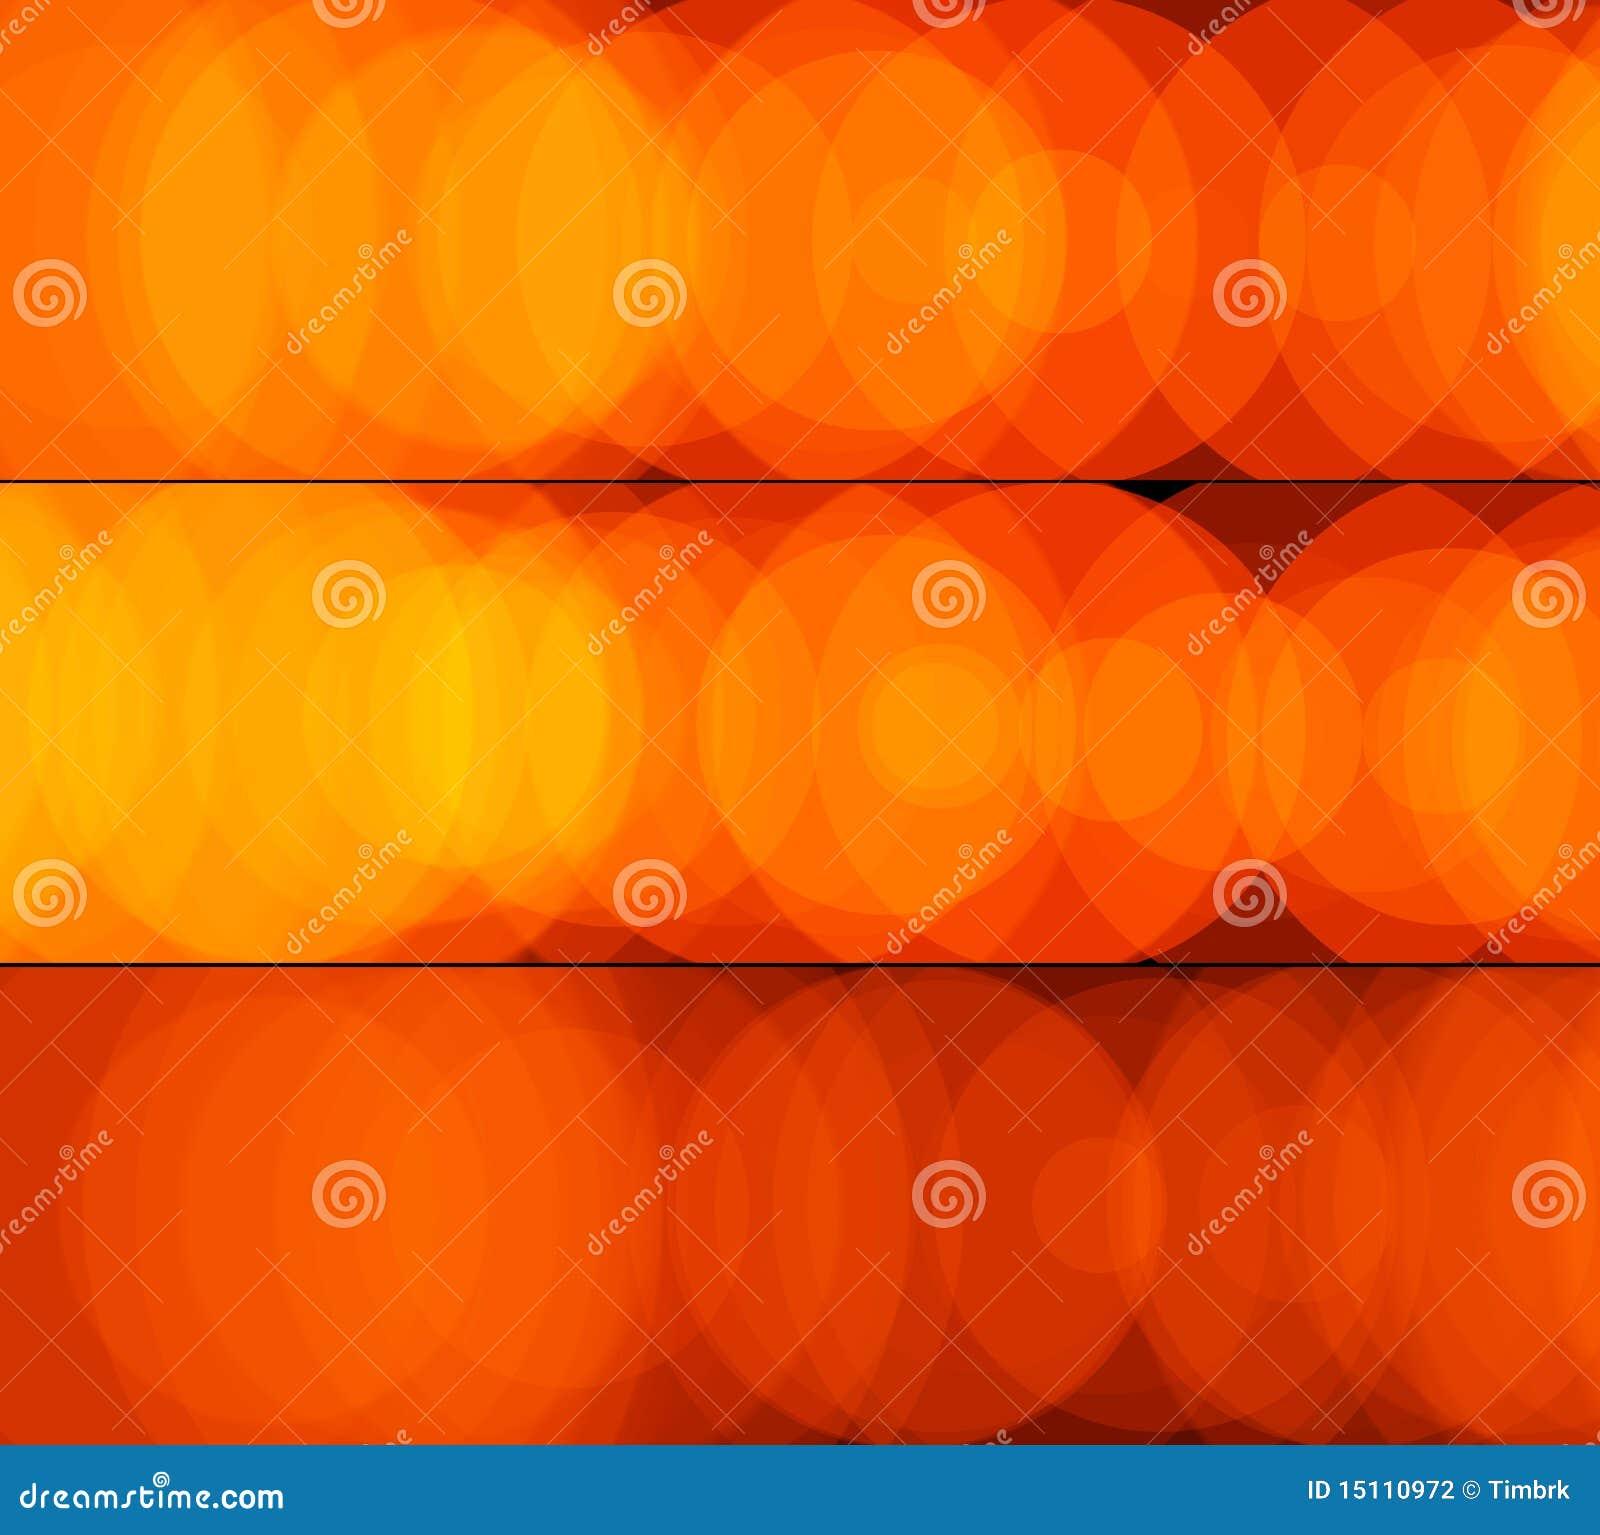 Banderas de la luz anaranjada